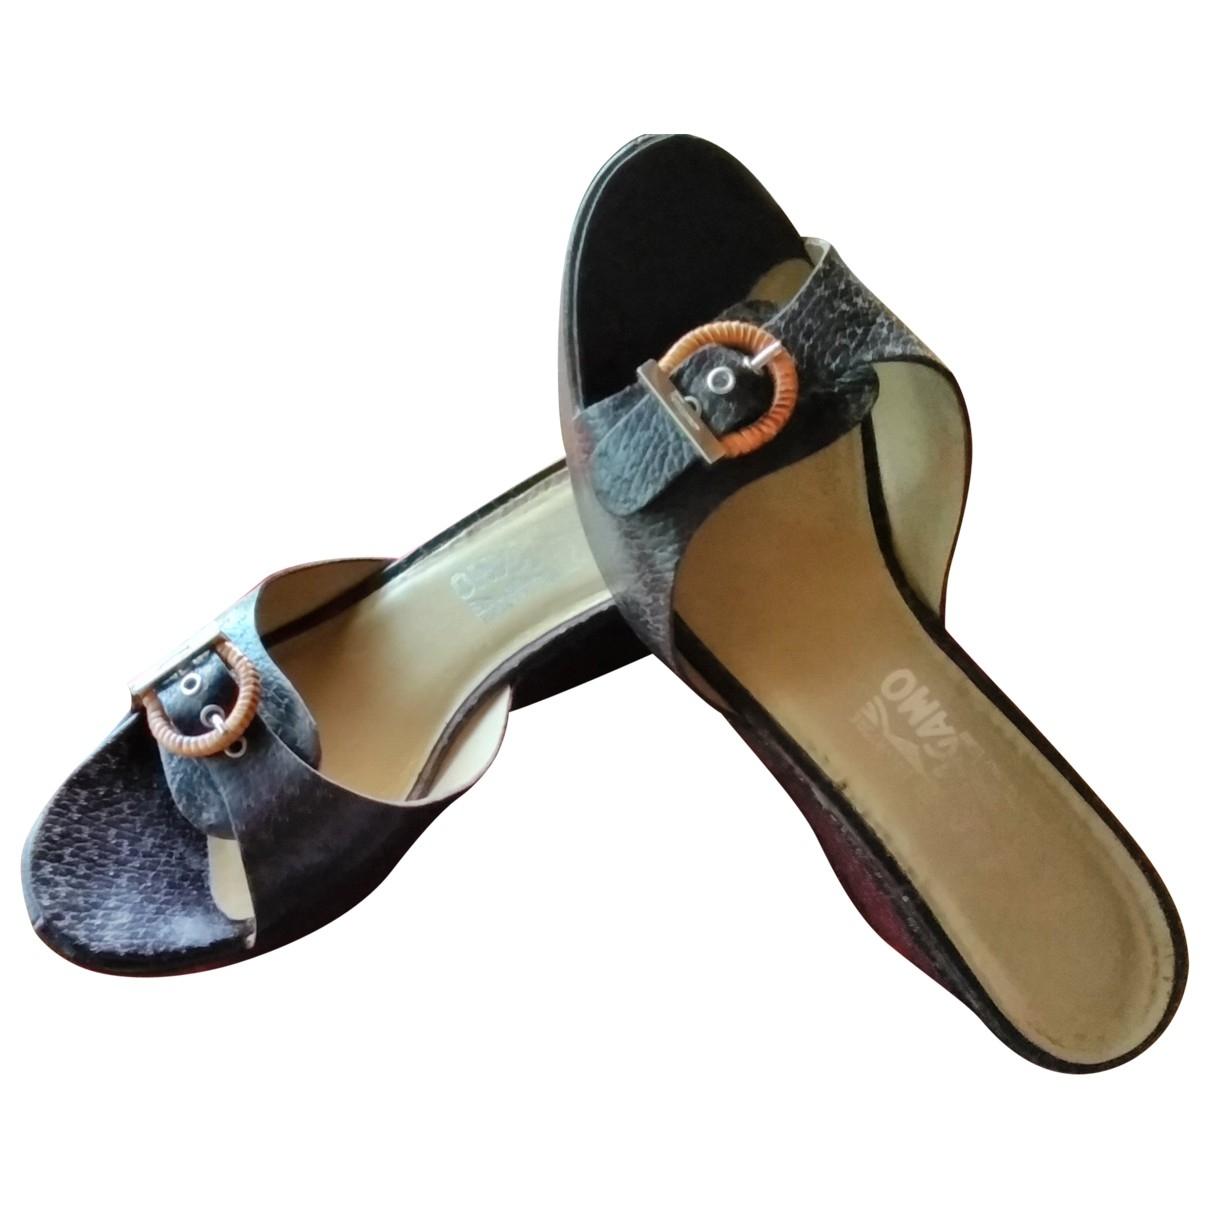 Salvatore Ferragamo \N Brown Leather Mules & Clogs for Women 40 EU